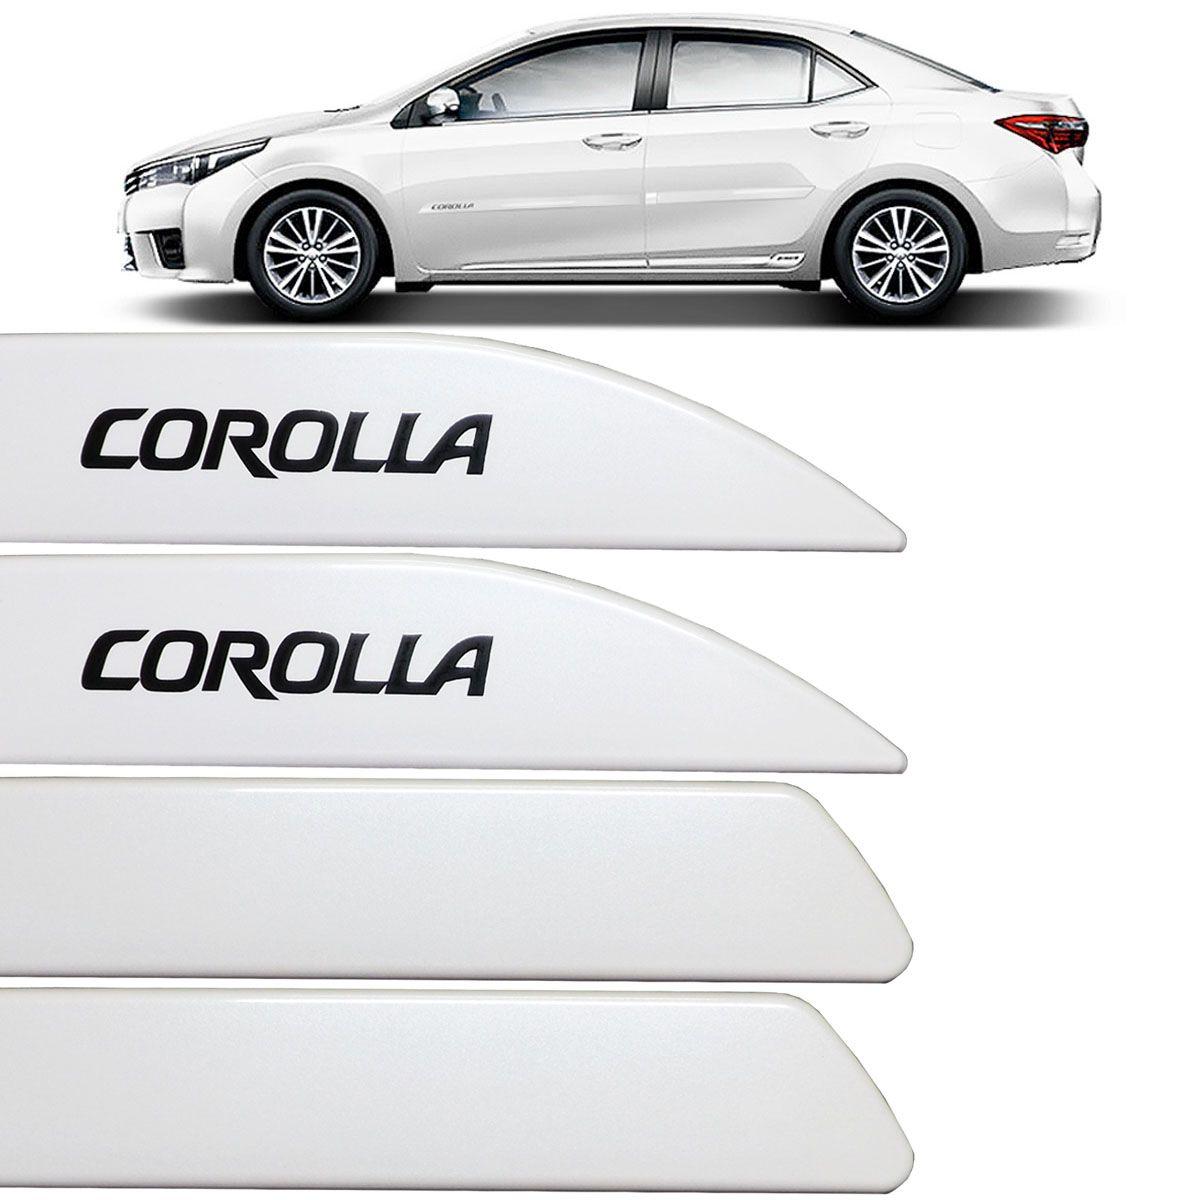 Jogo Friso Lateral Corolla 2015 Até 2018 Branco Perolizado